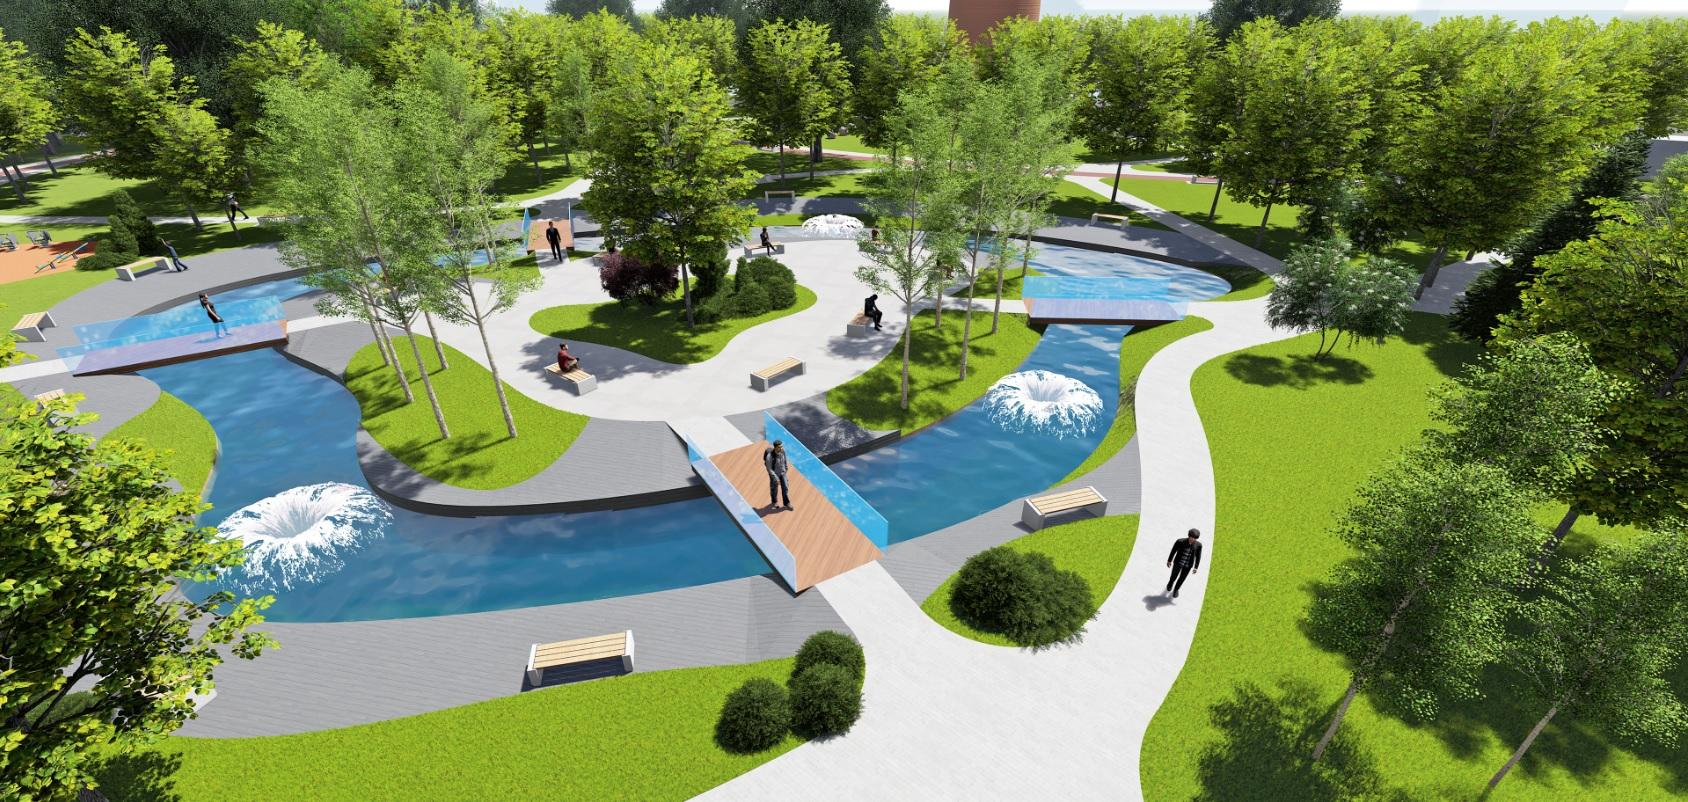 У Фастові оприлюднили проєкт реконструкції міського парку імені Гагаріна - Фастів, реконструкція, парк імені Гагаріна - Park5